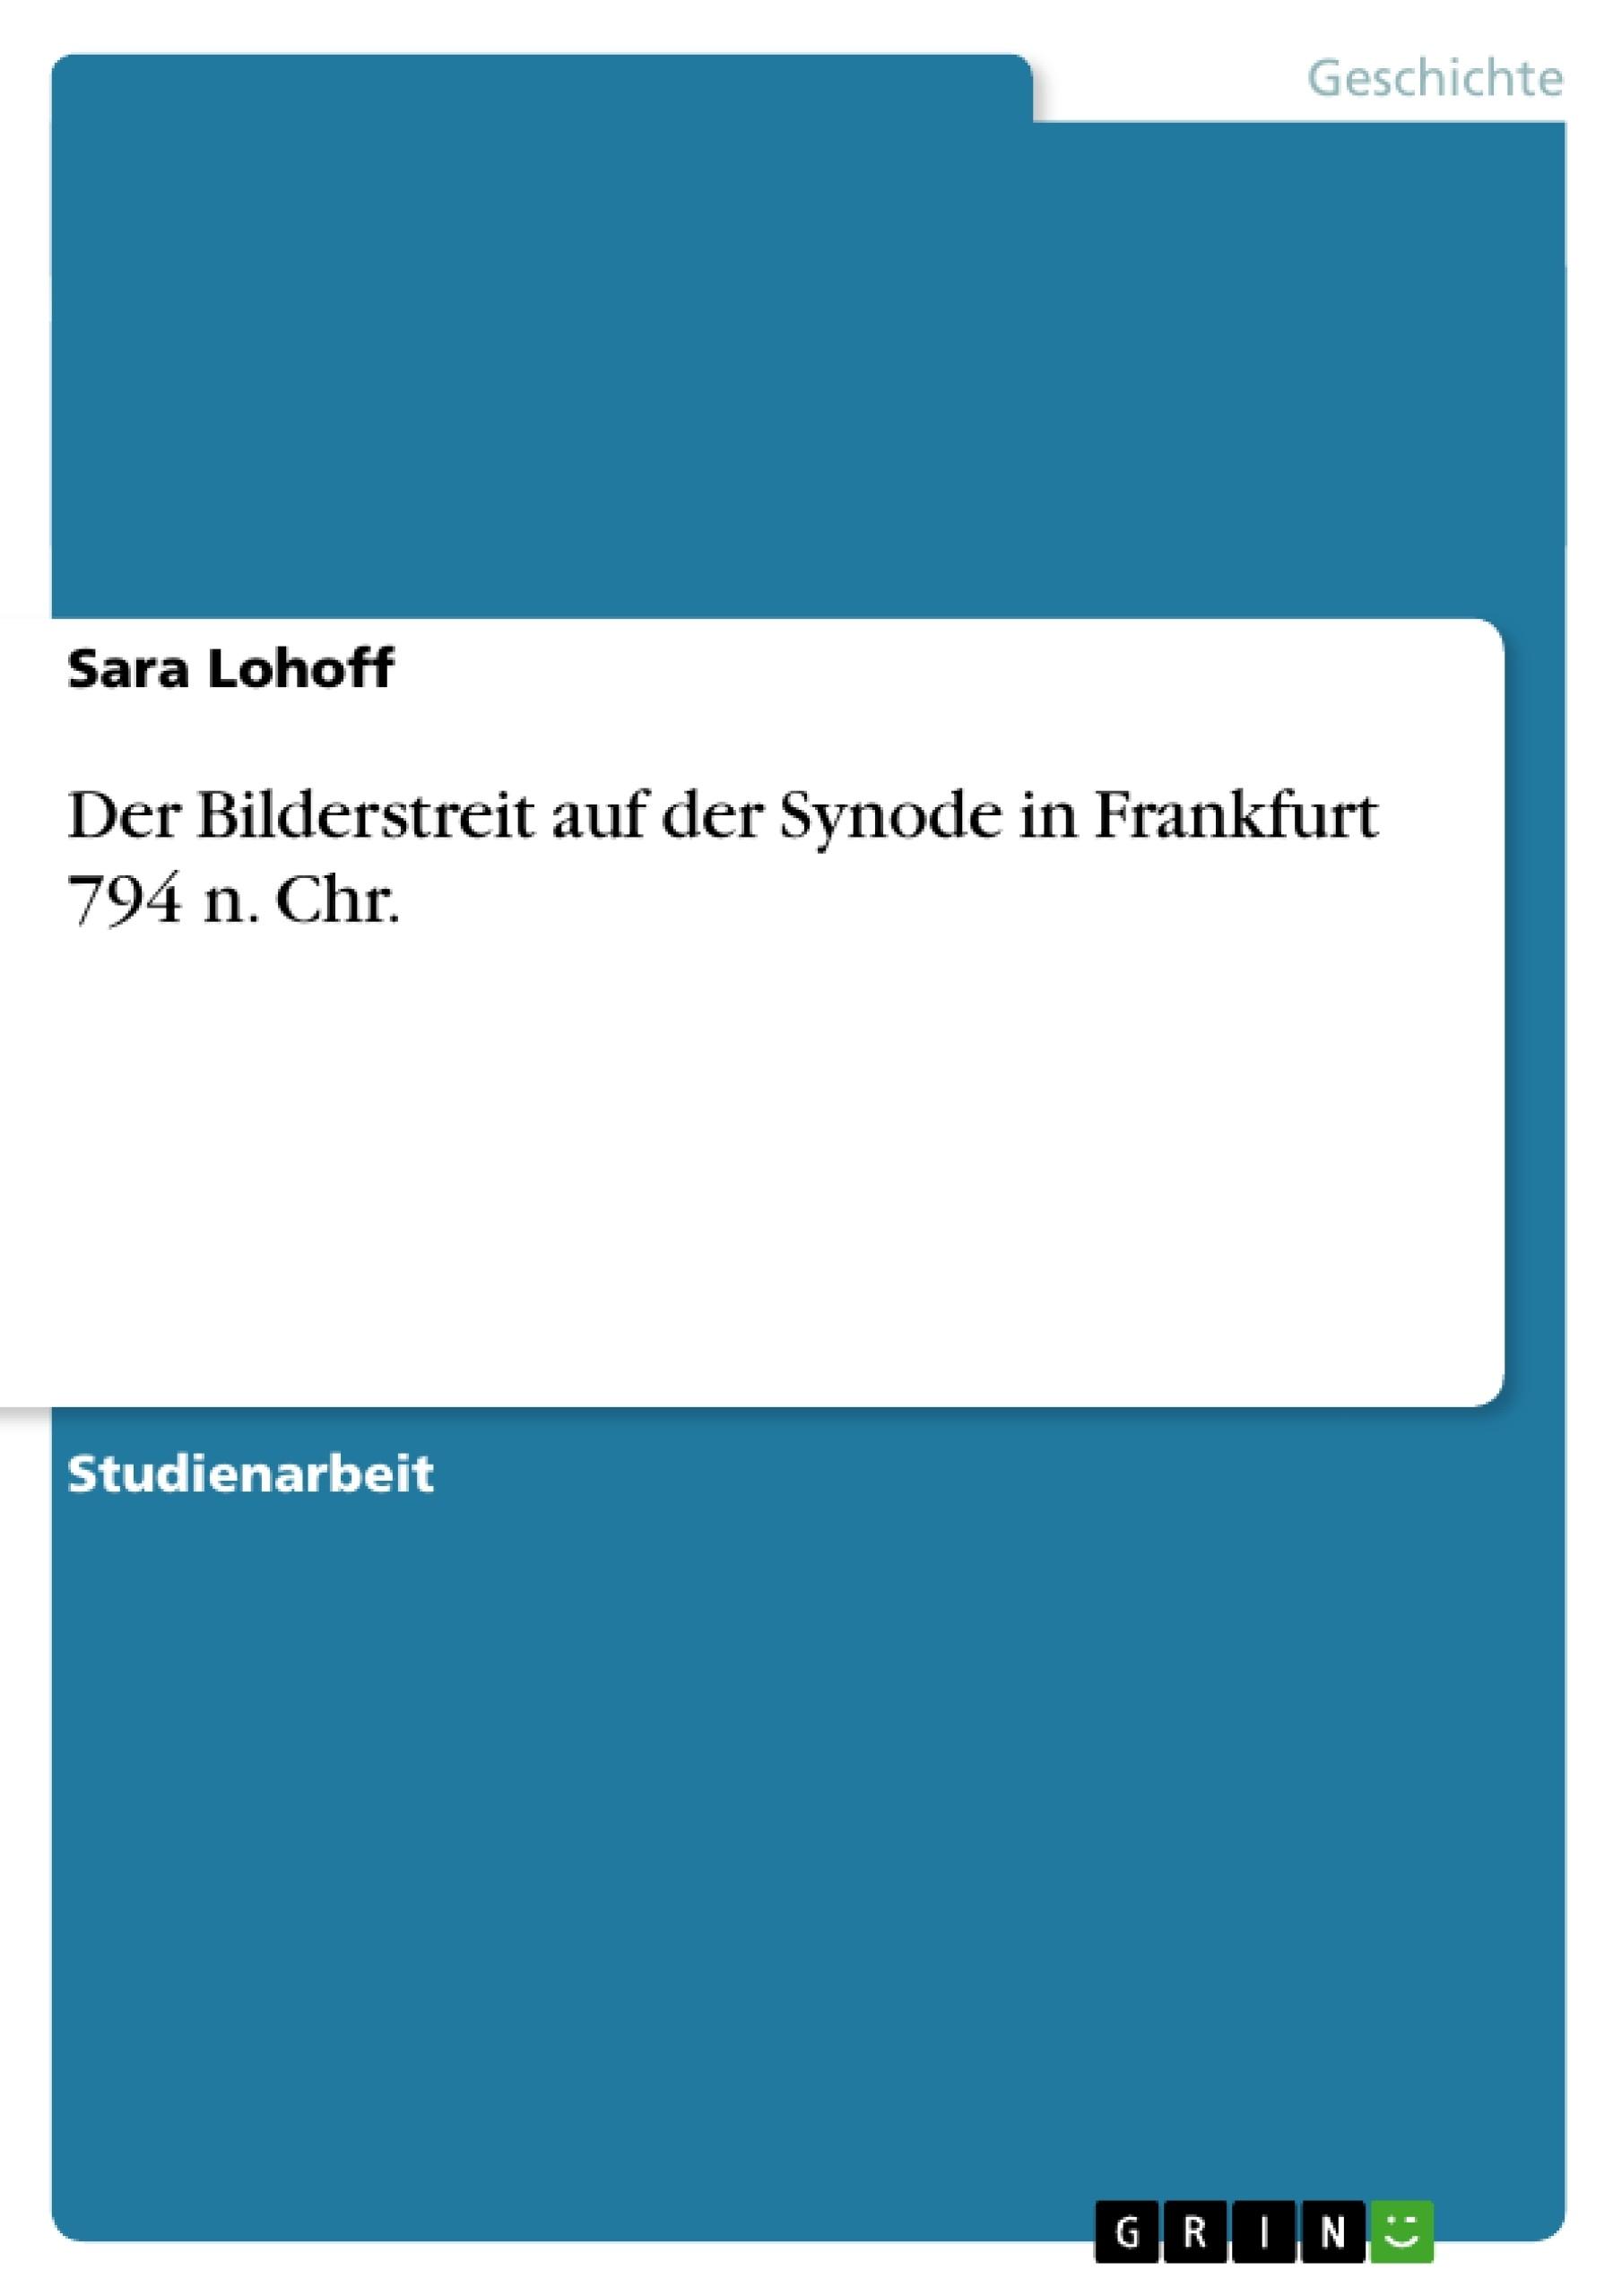 Titel: Der Bilderstreit auf der Synode in Frankfurt 794 n. Chr.